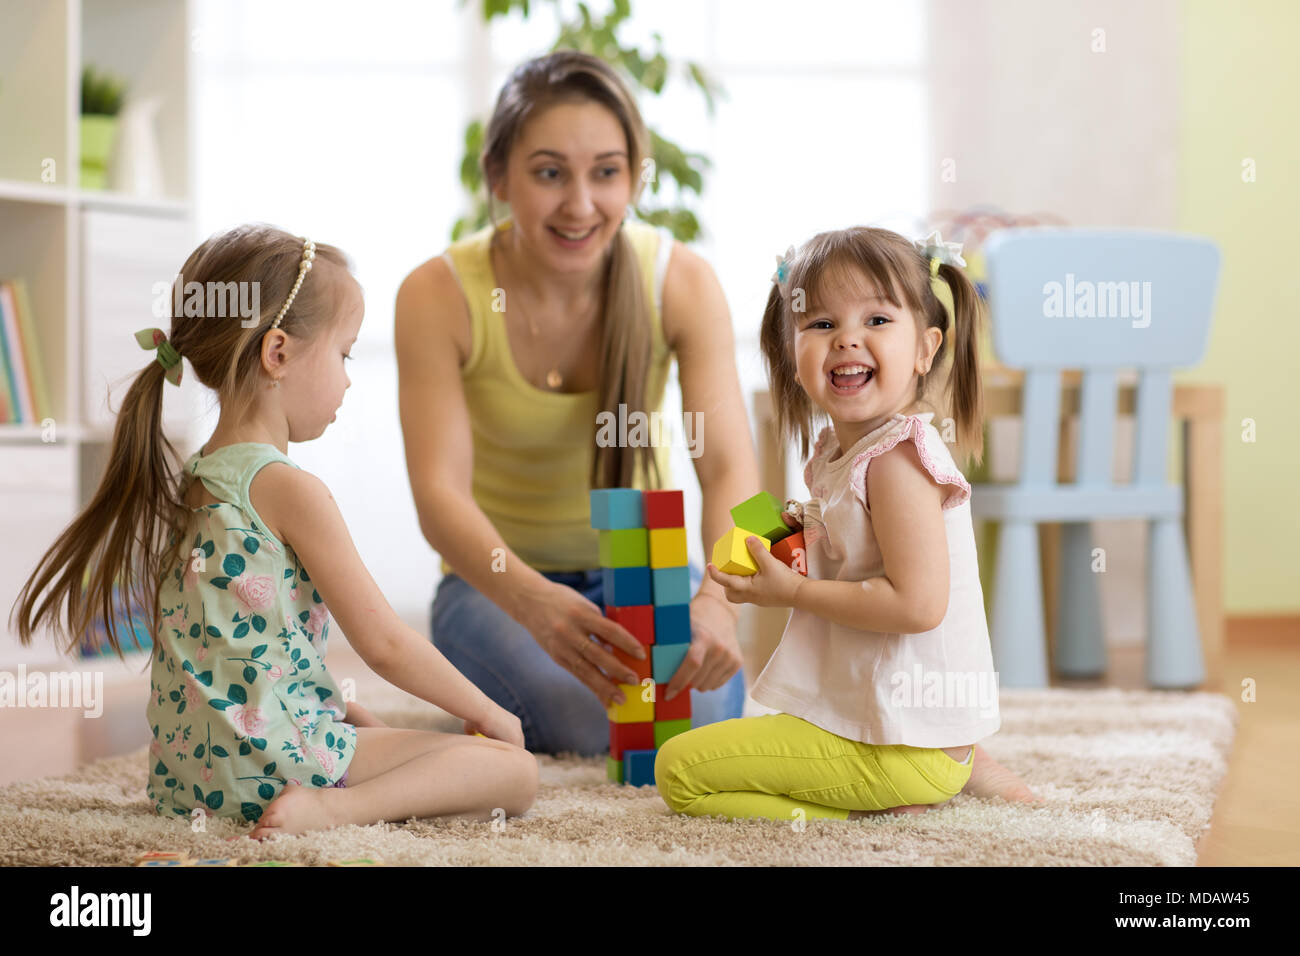 Fußboden 3d Qur An ~ Game cubes stockfotos & game cubes bilder seite 7 alamy